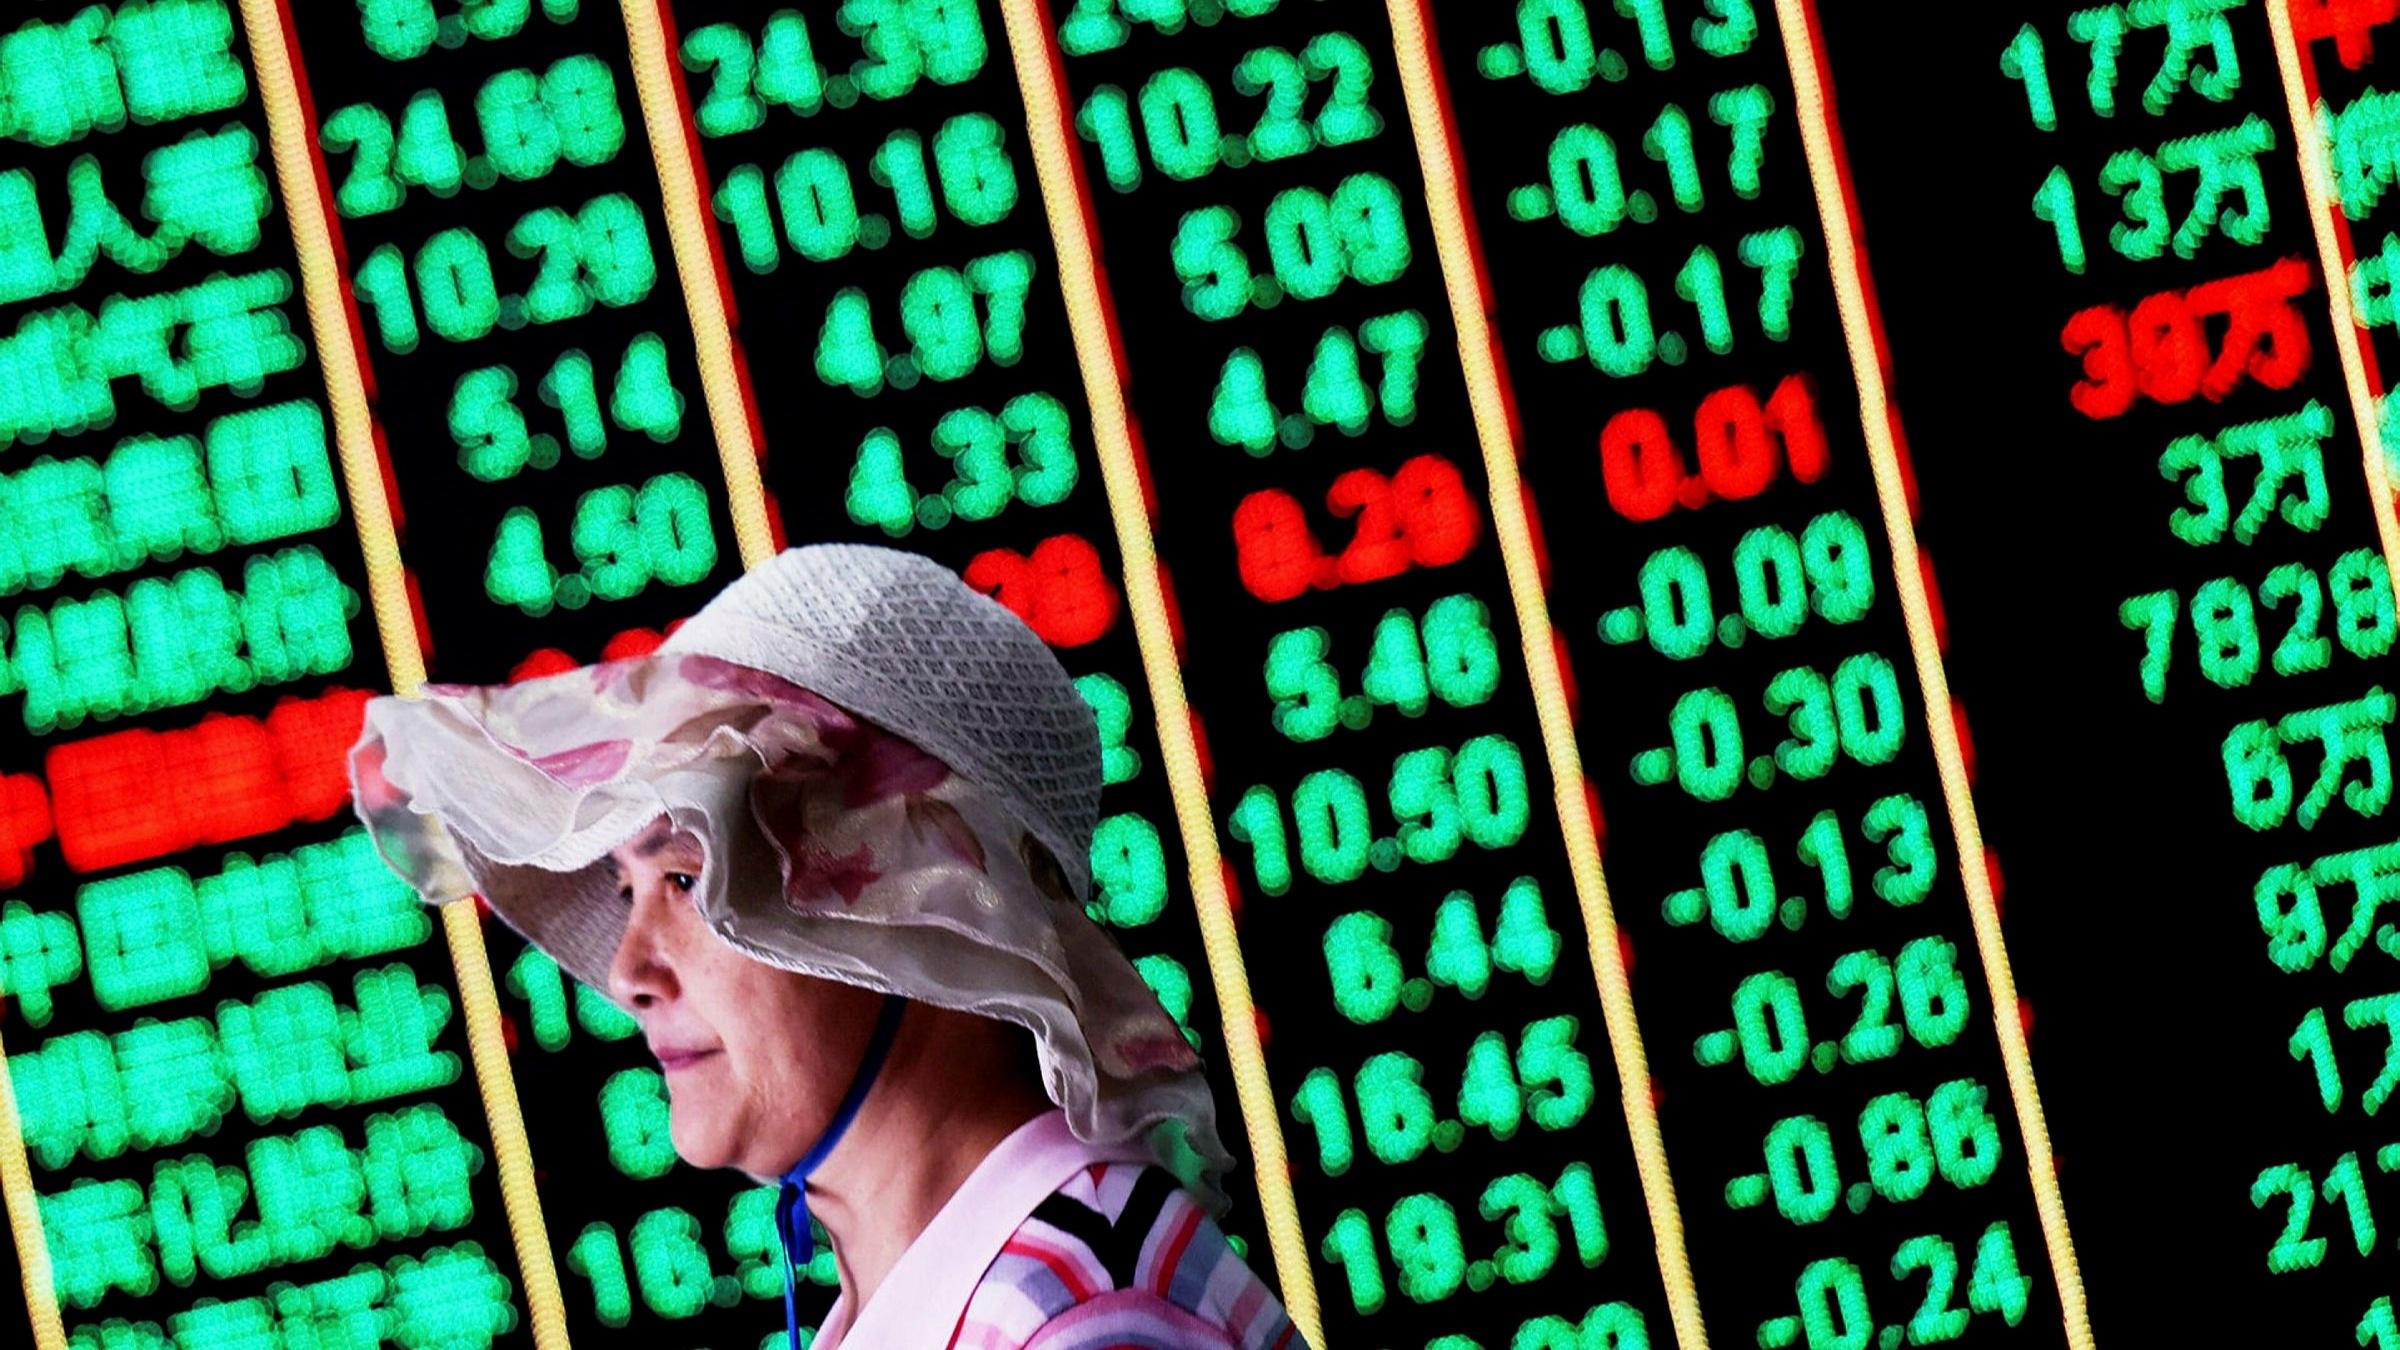 Thực chất kinh tế Trung Quốc đang đứng đâu trong cỗ máy kinh tế toàn cầu? - 6